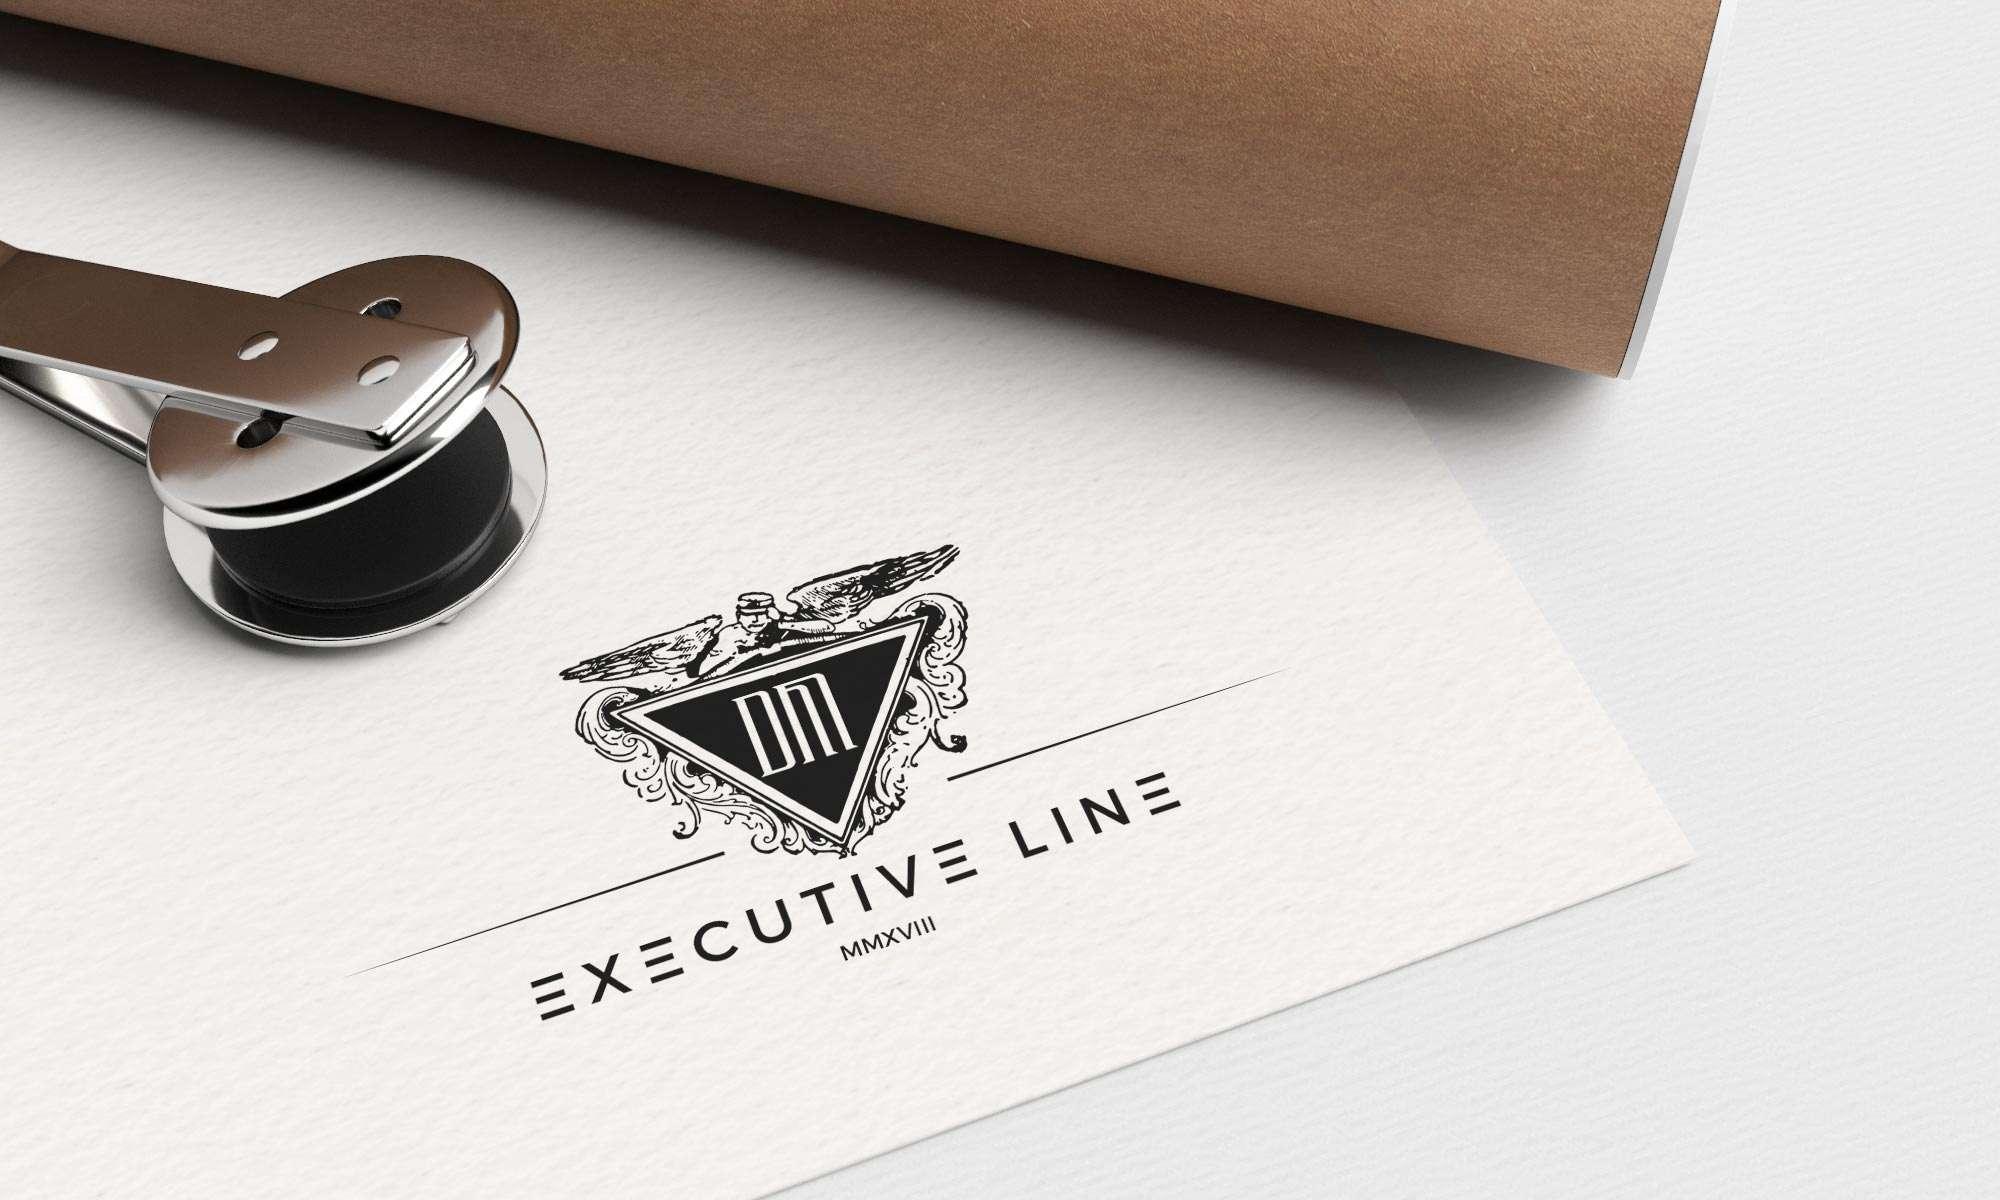 DM Executive Line